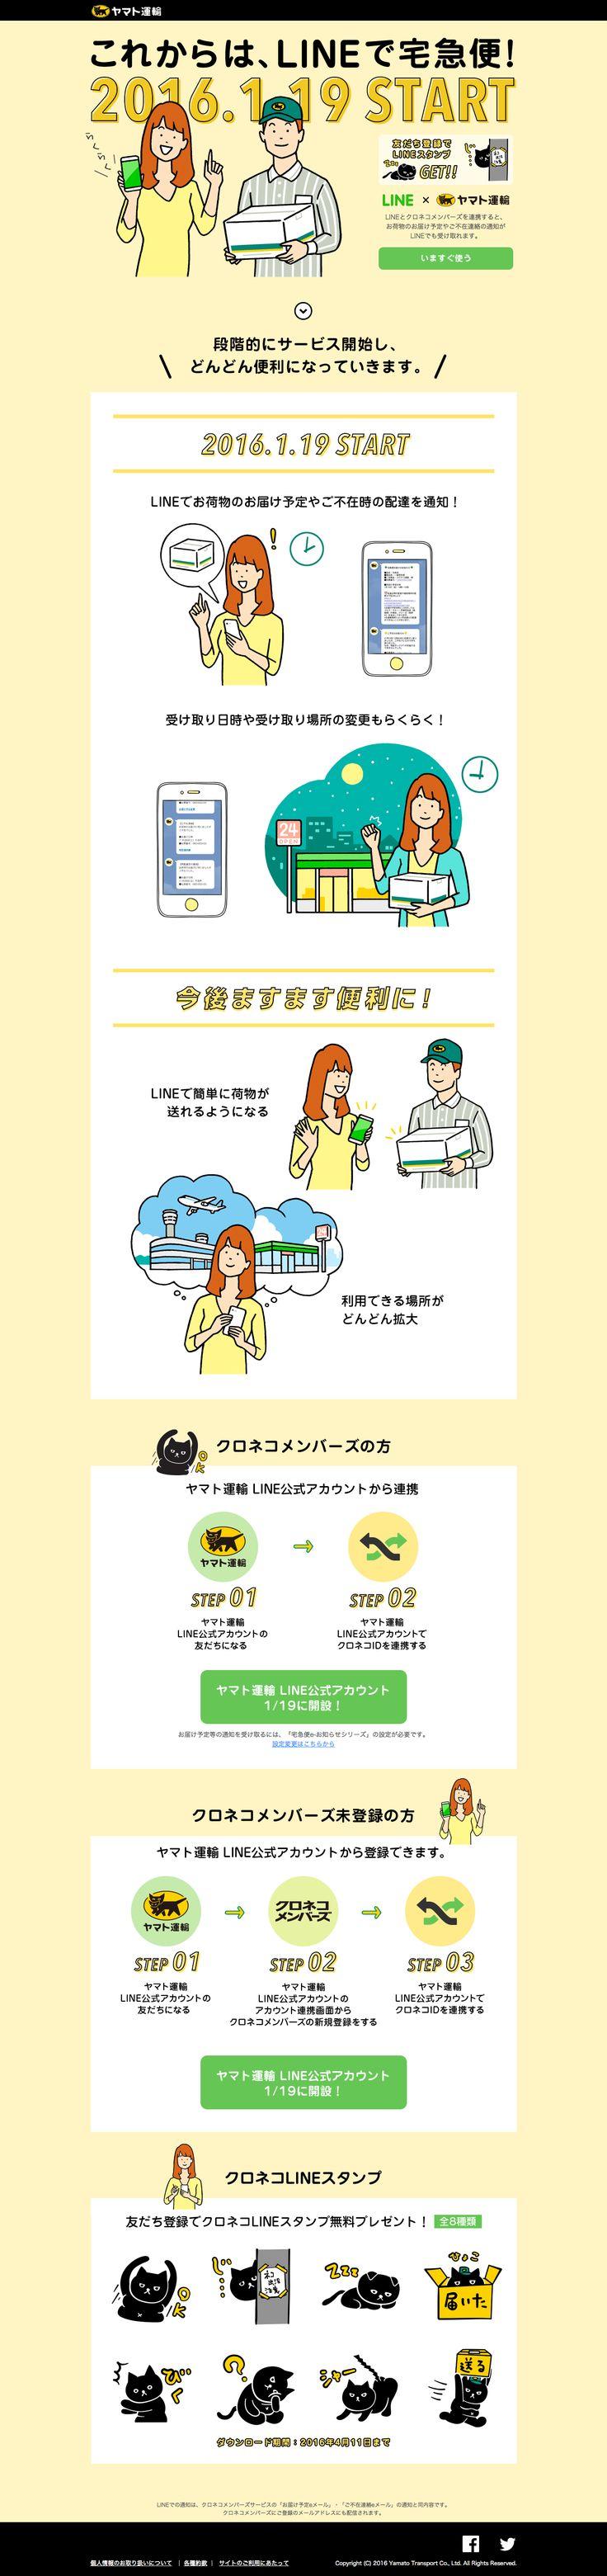 http://www.kuronekoyamato.co.jp/campaign/renkei/LINE/